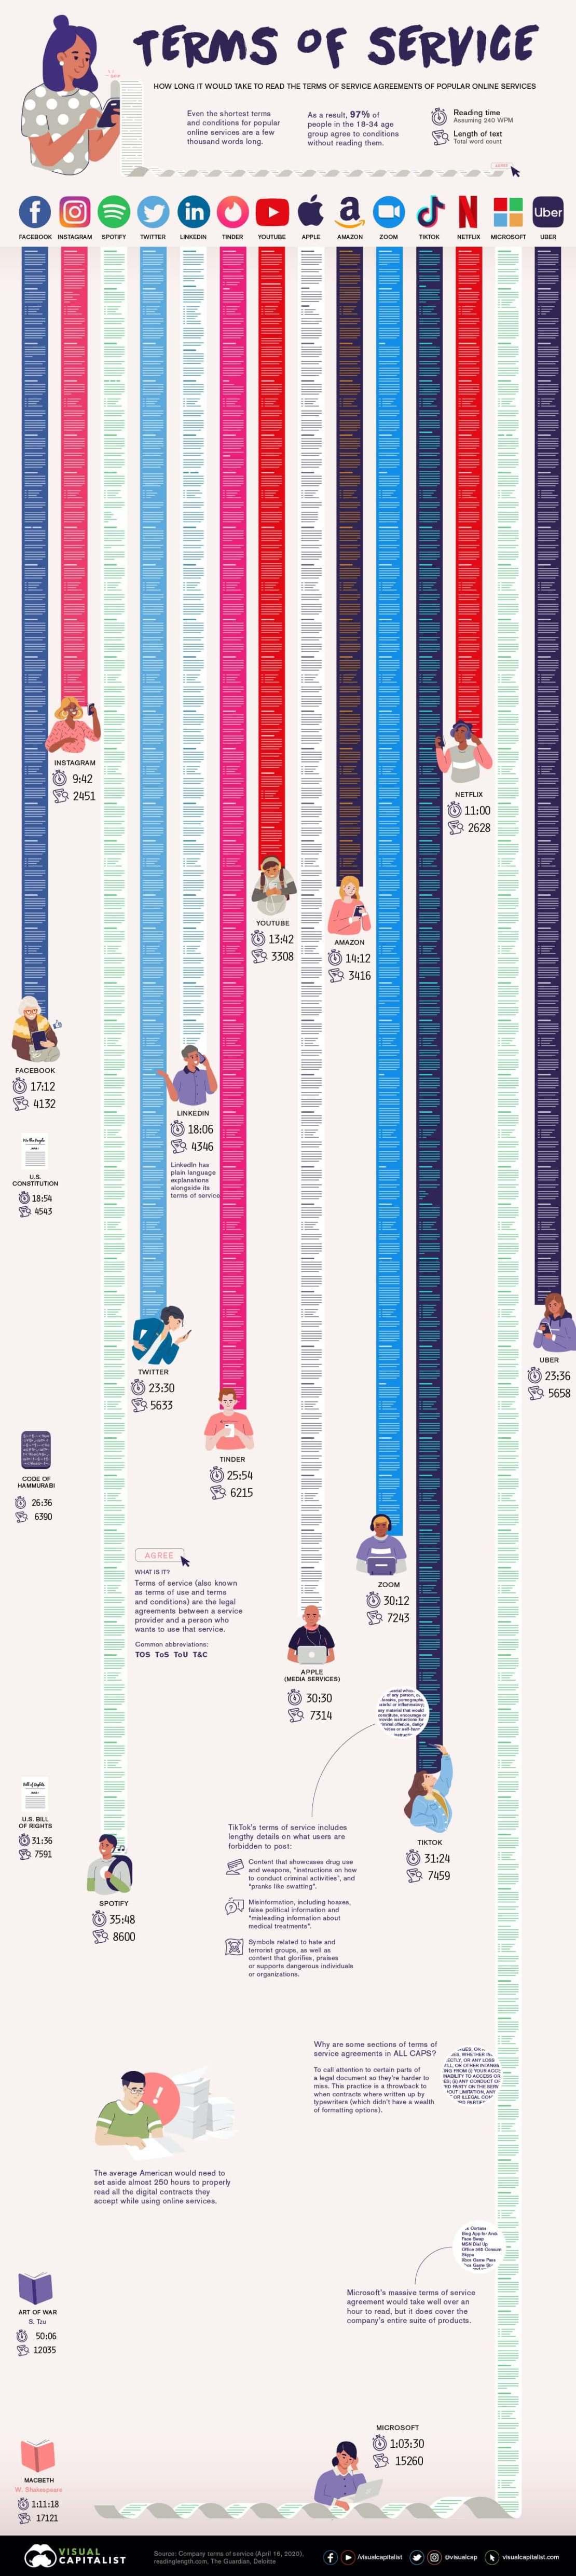 Infografika: Porównanie długości regulaminów popularnych serwisów i aplikacji